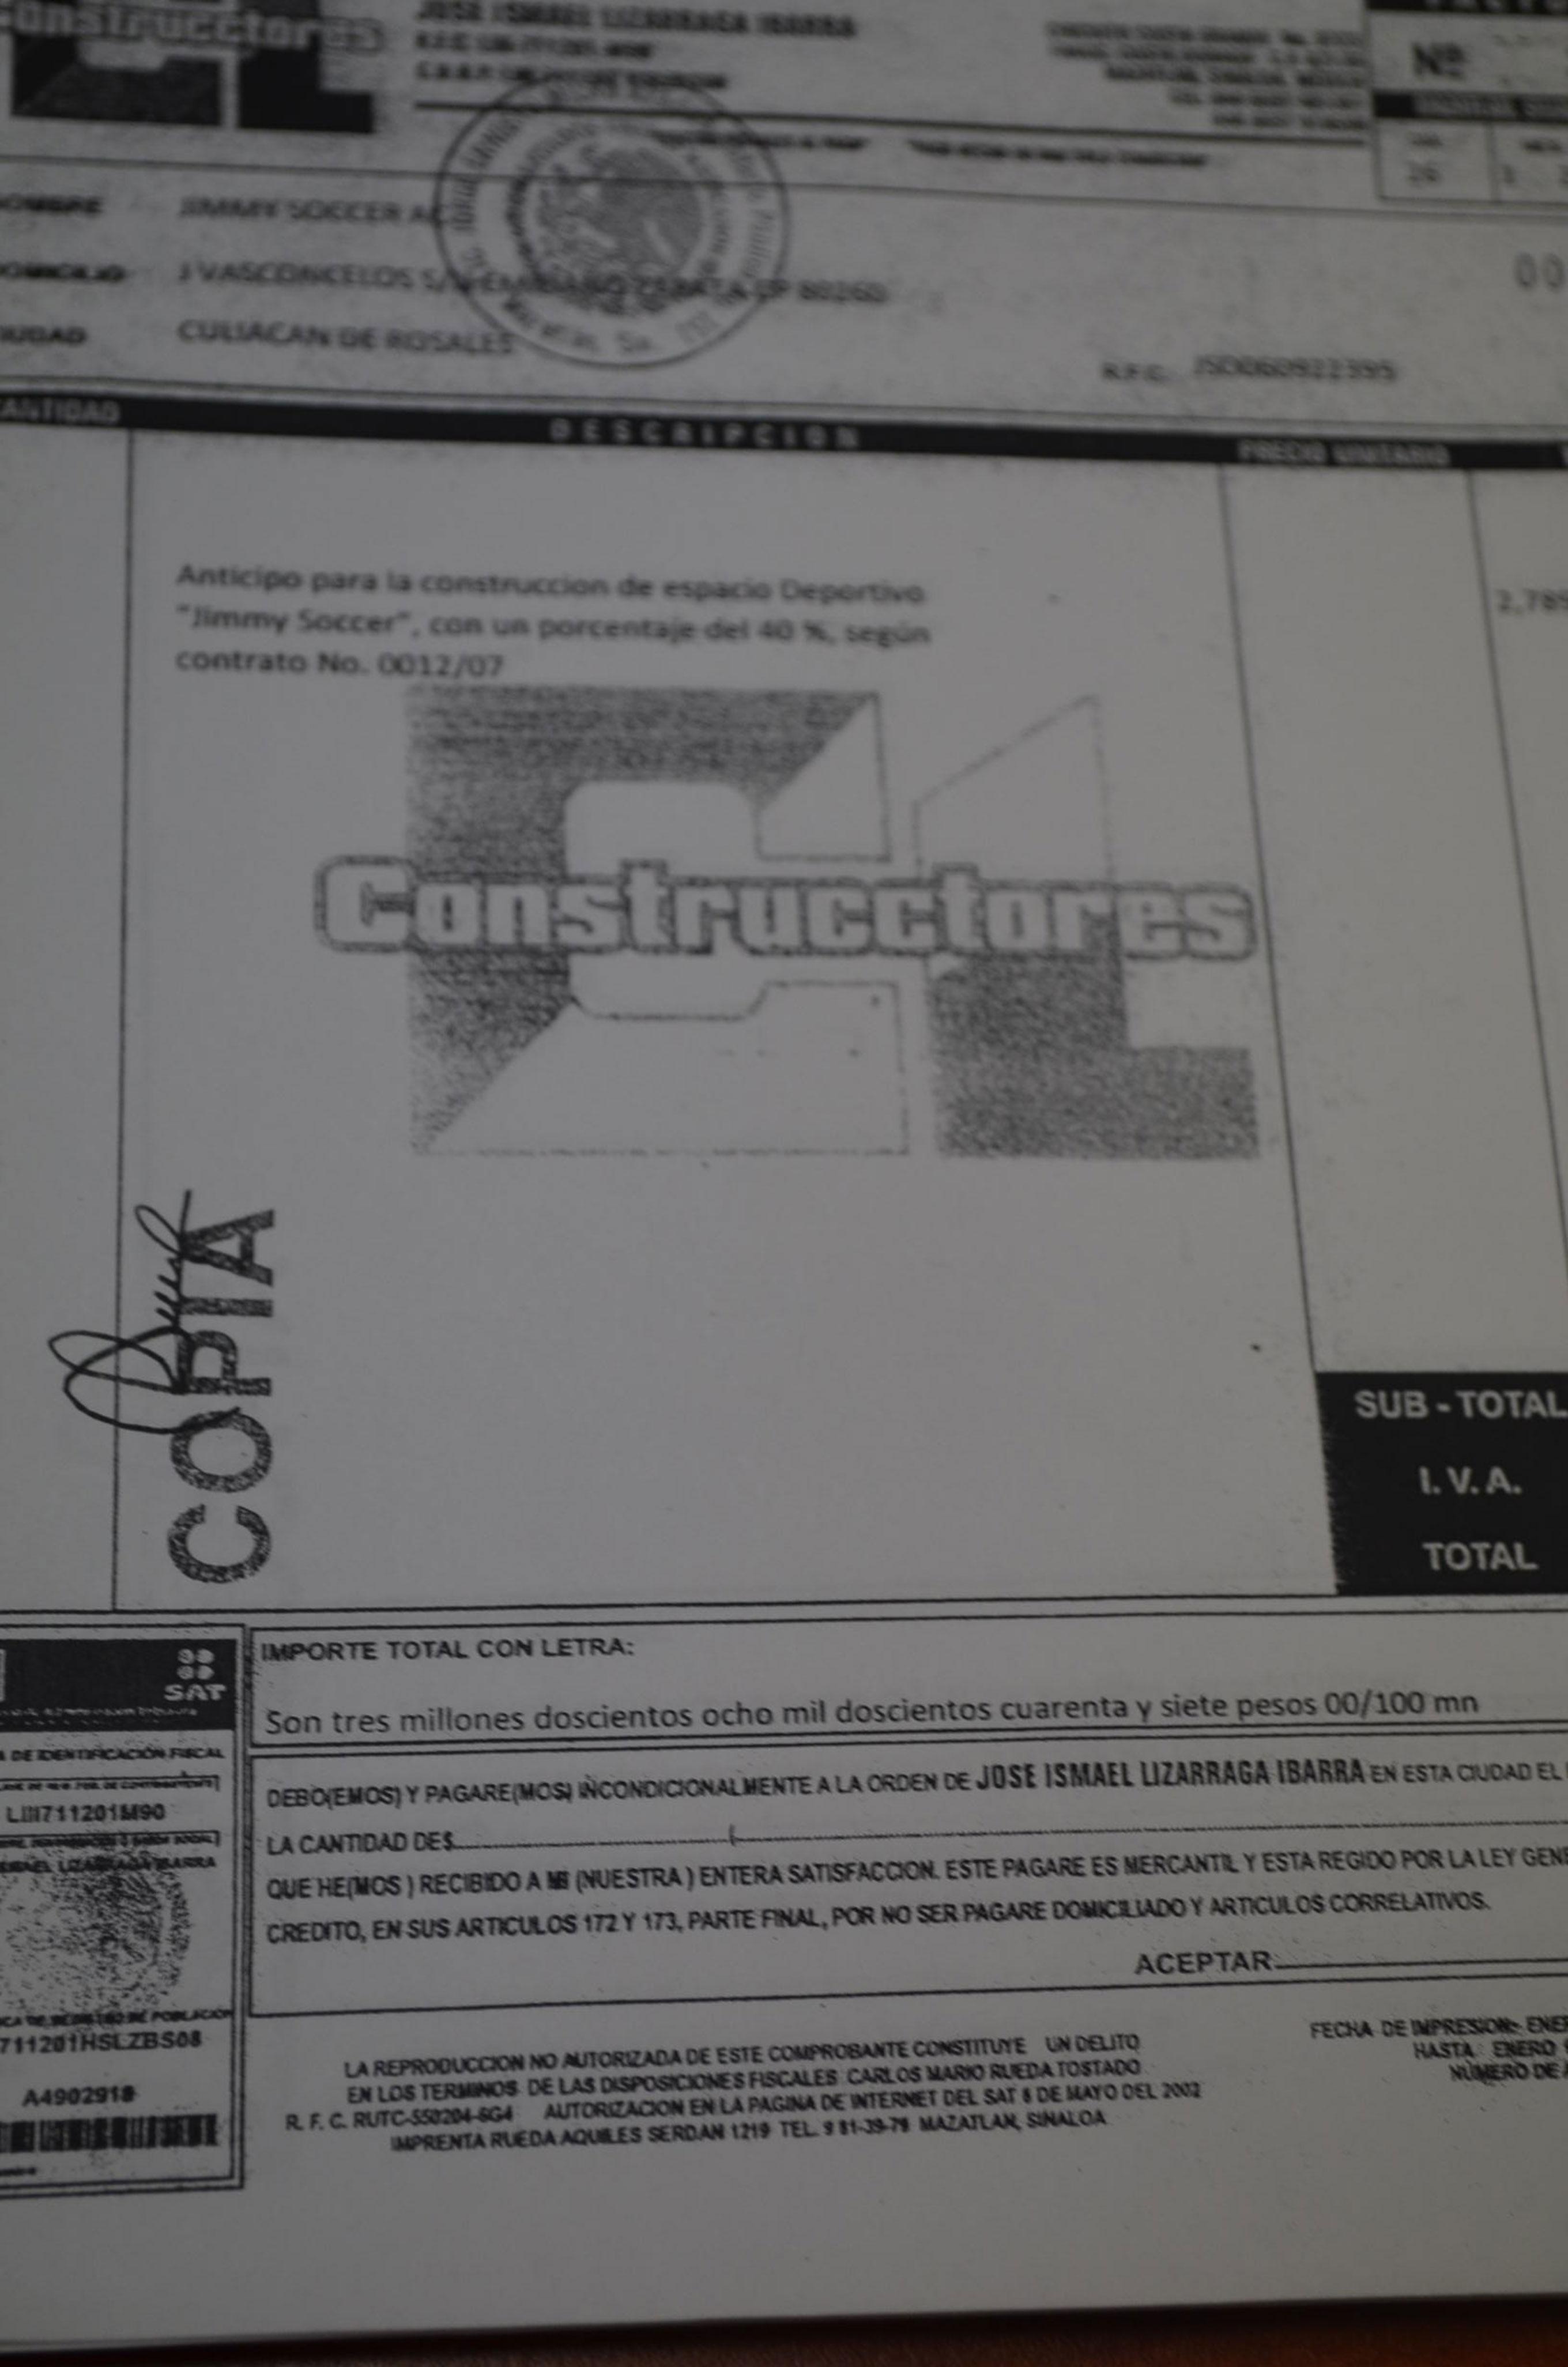 Copia de las facturas originales, que fueron falsificadas por Jimmy Ruiz. Foto: Gabriela Sánchez